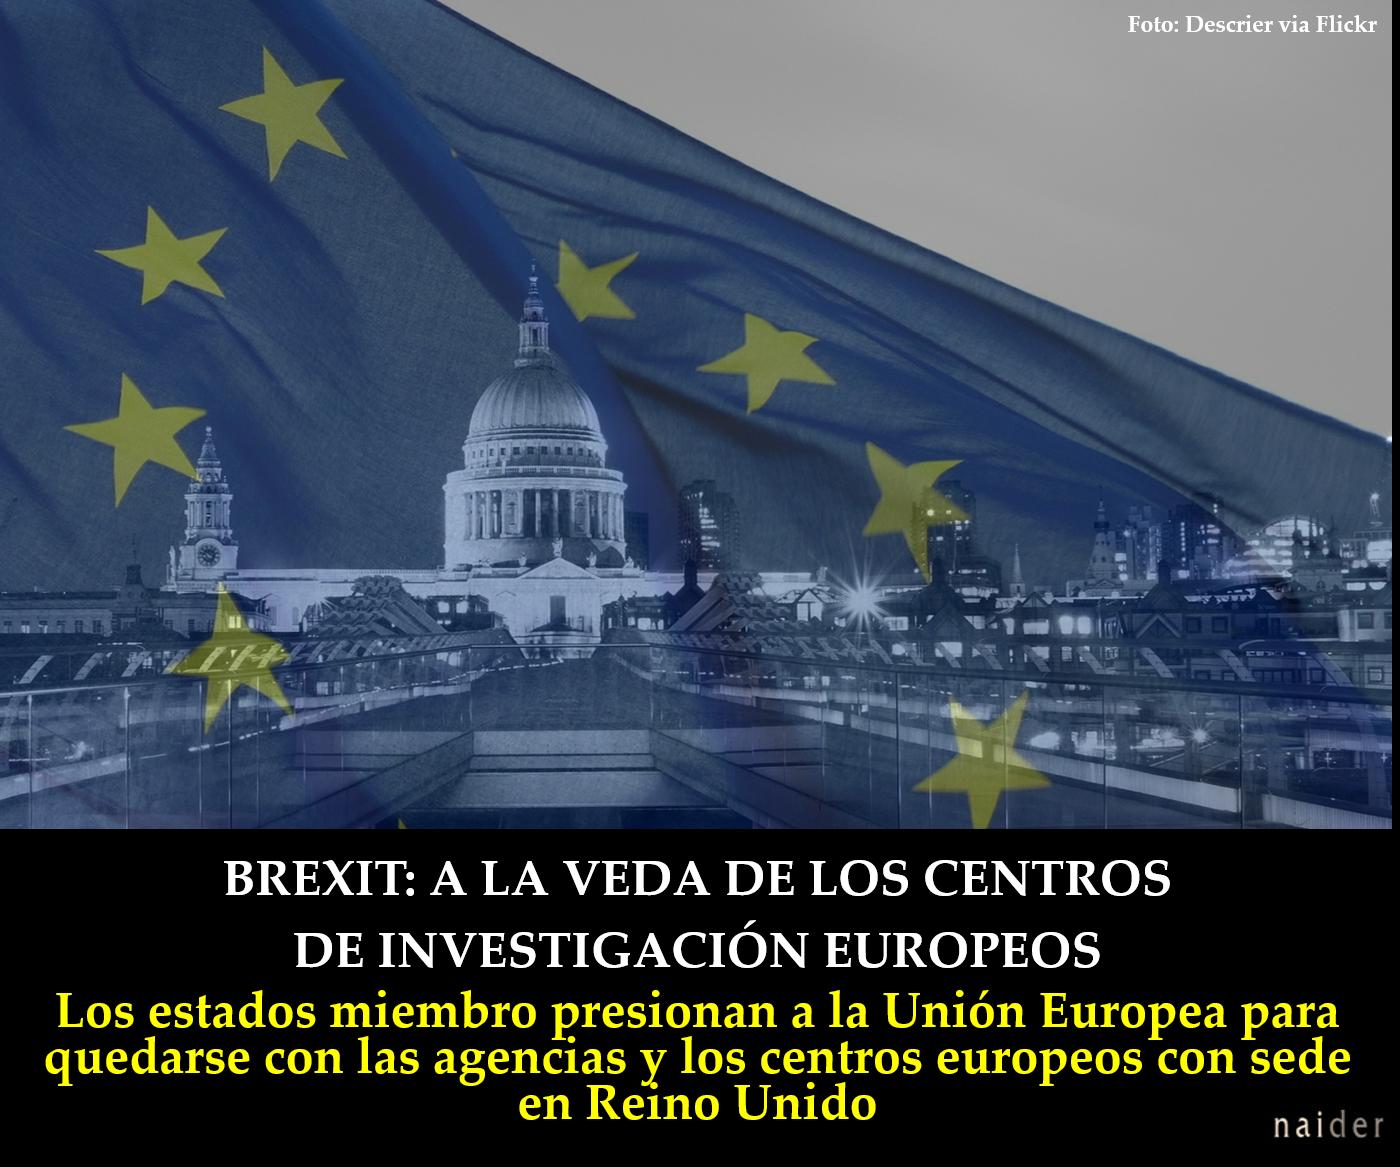 brexit-a-la-veda-infopost